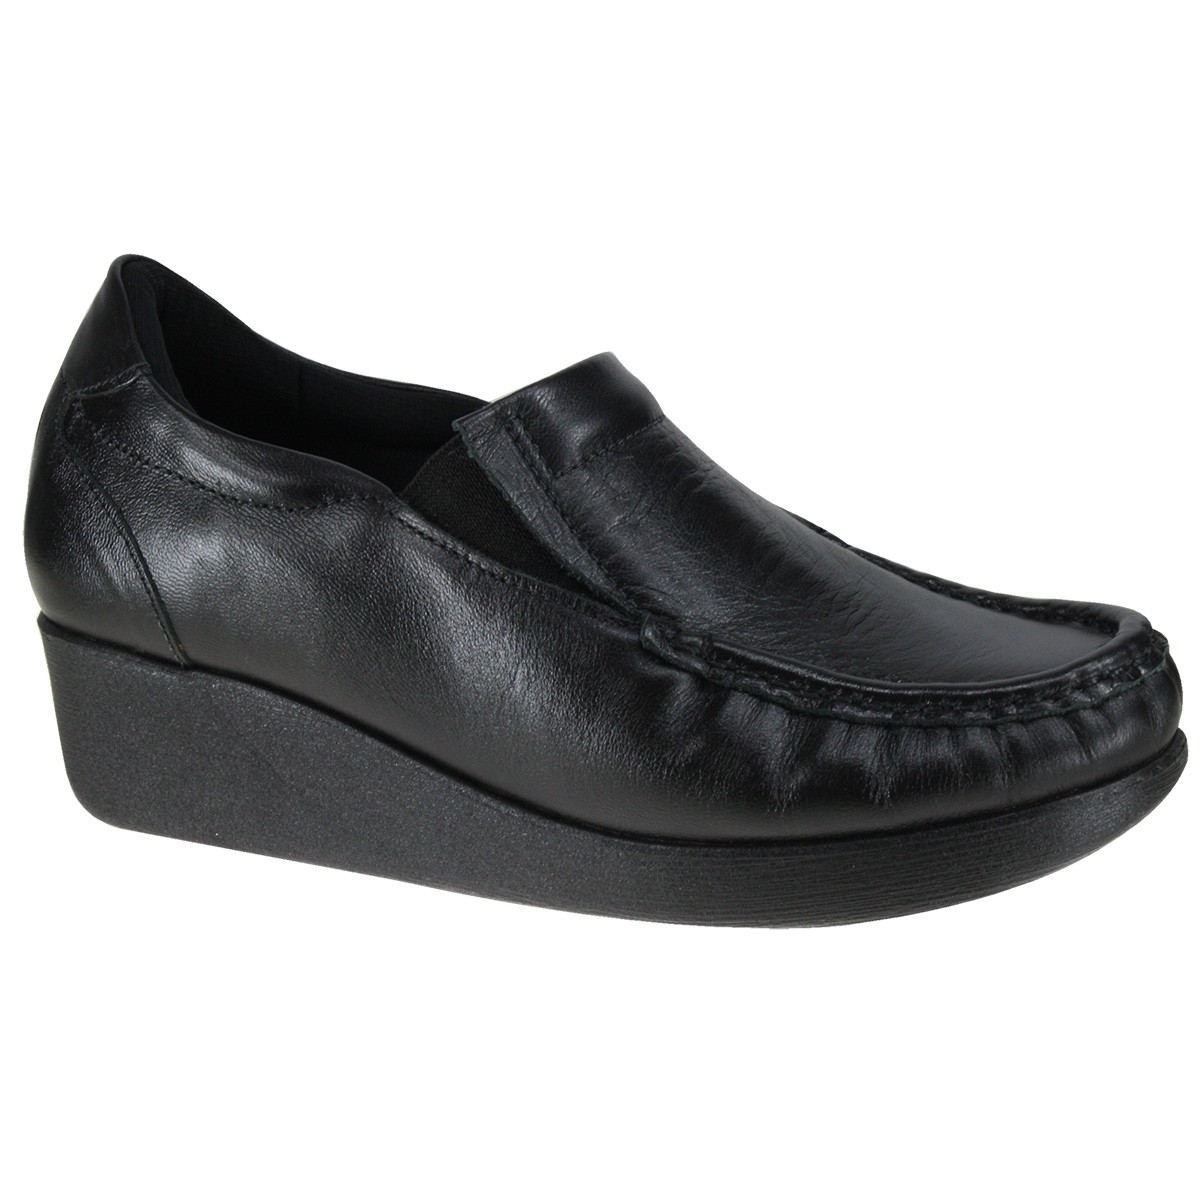 a40b98426e Sapato Usaflex 5743PL 00 - Preto (Caprina) - Botas Online Femininas ...